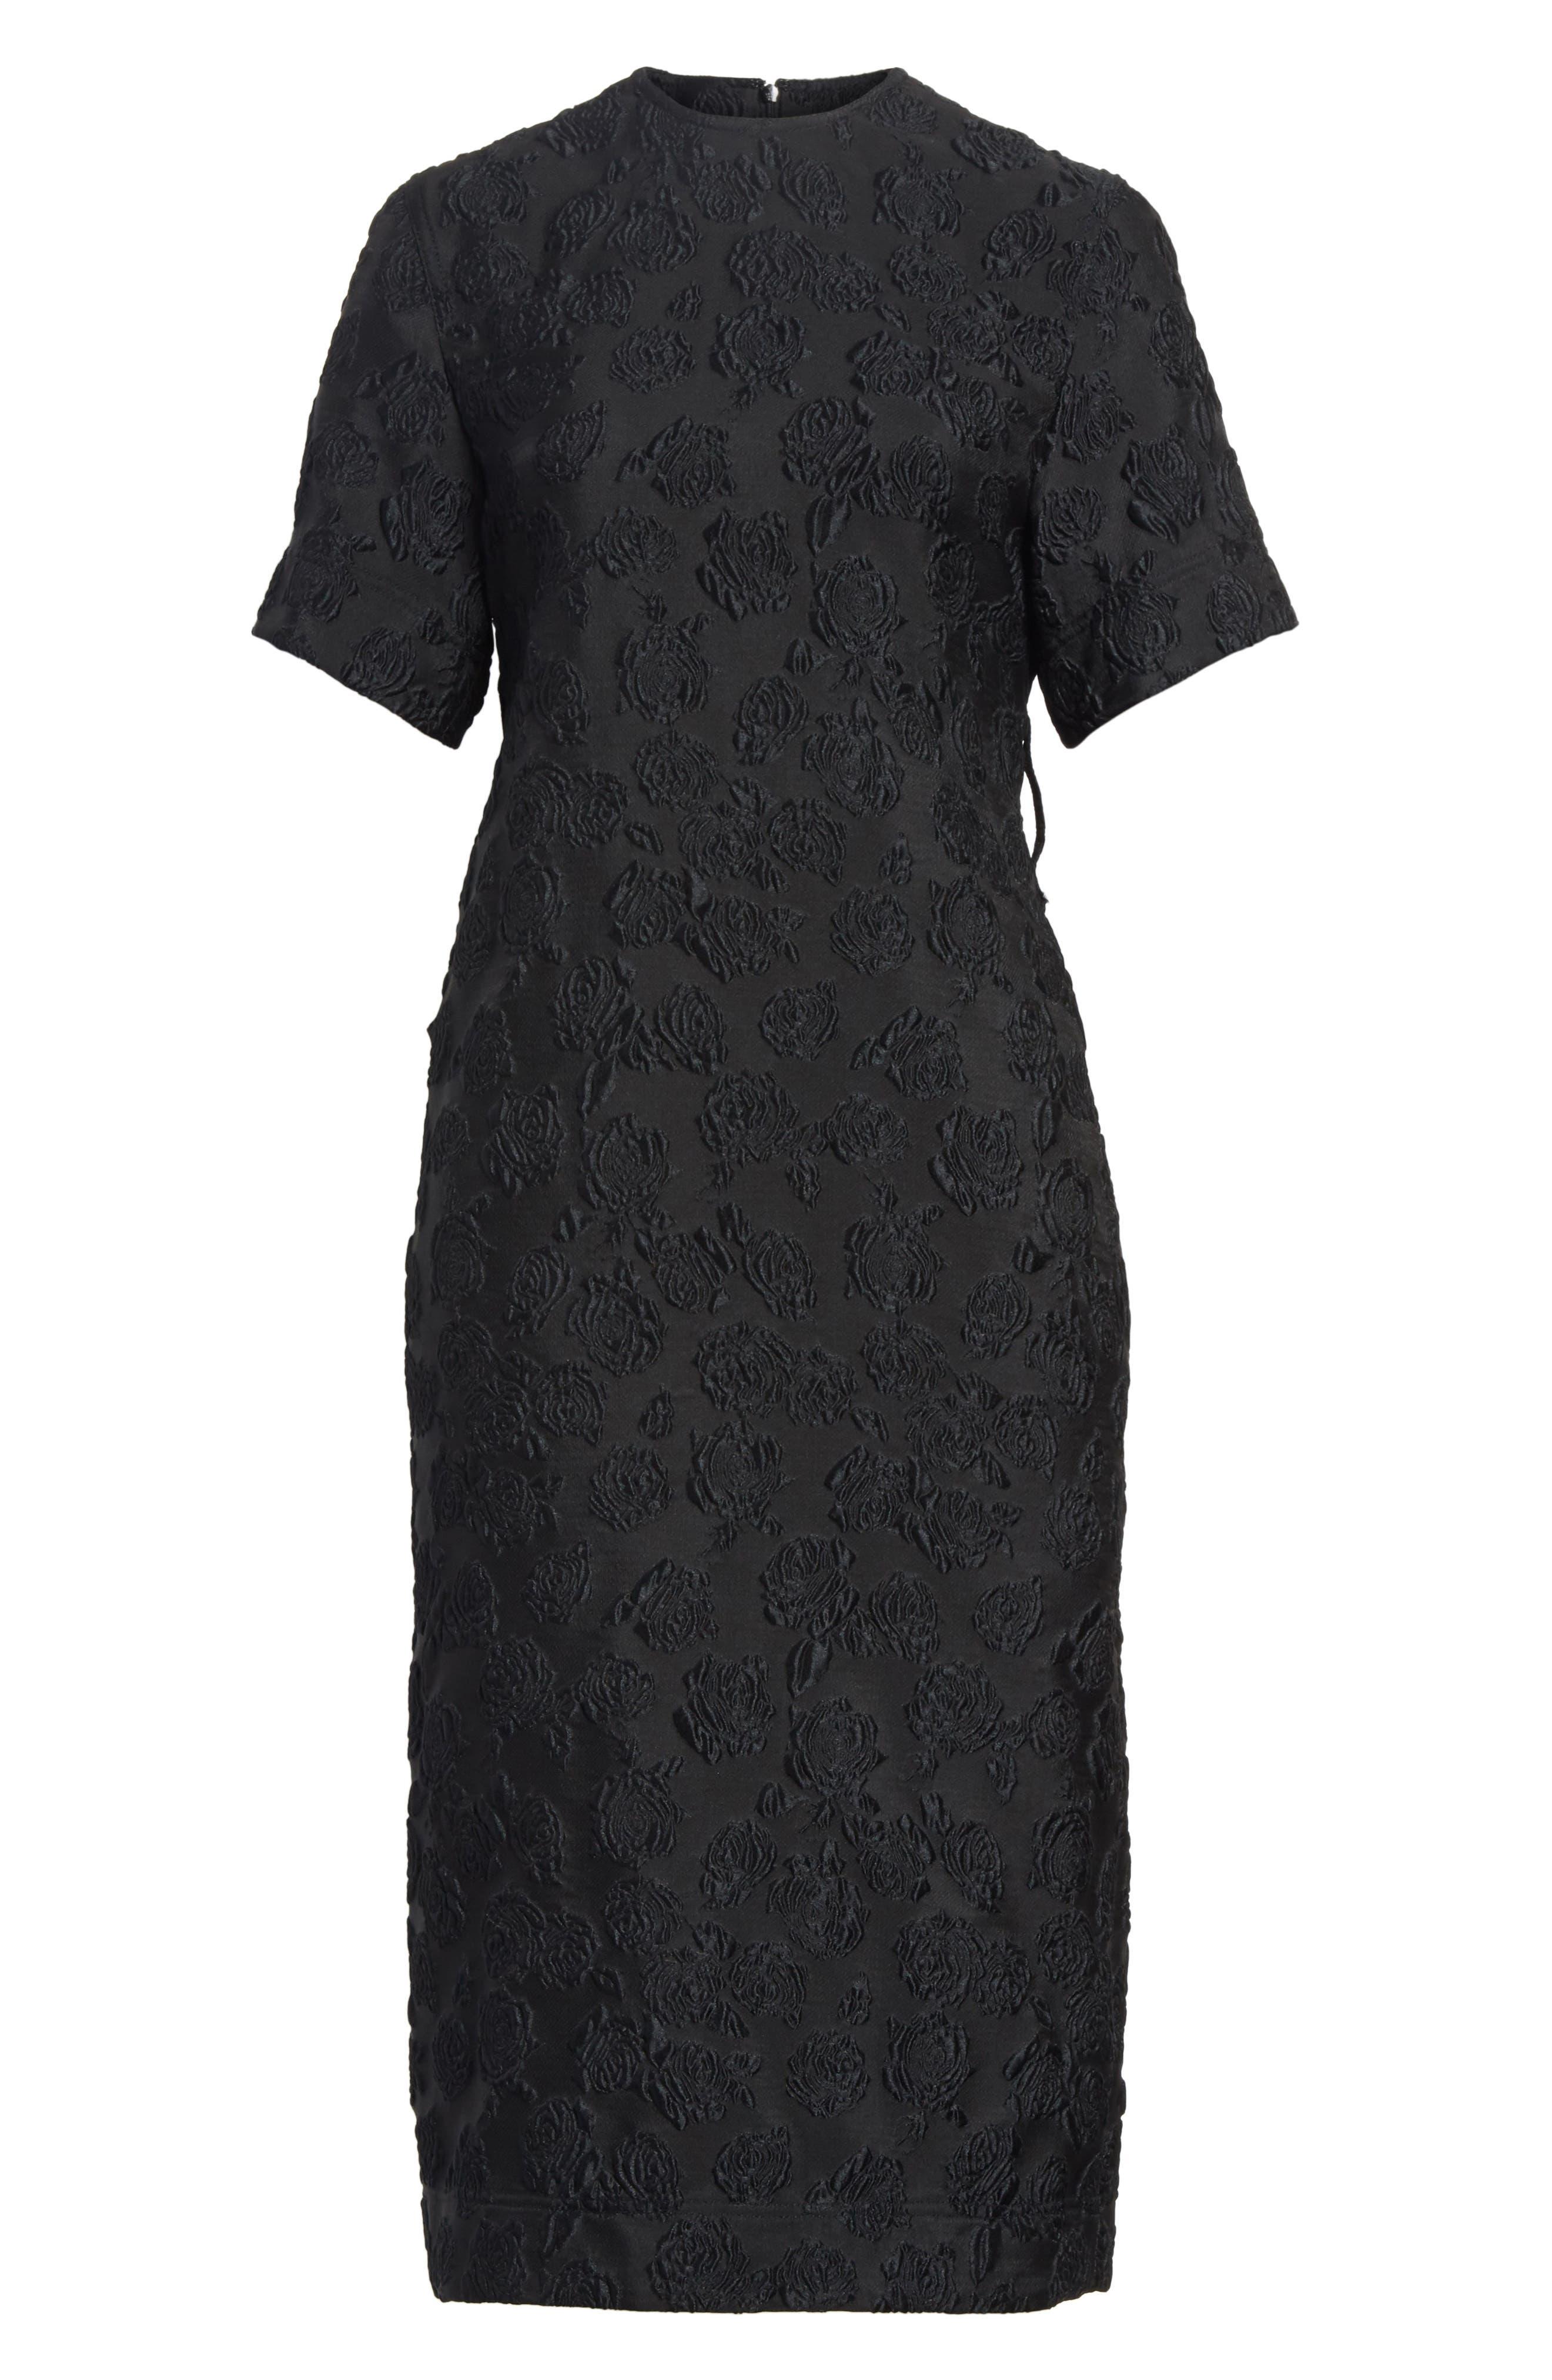 Rose Jacquard Dress,                             Alternate thumbnail 6, color,                             001